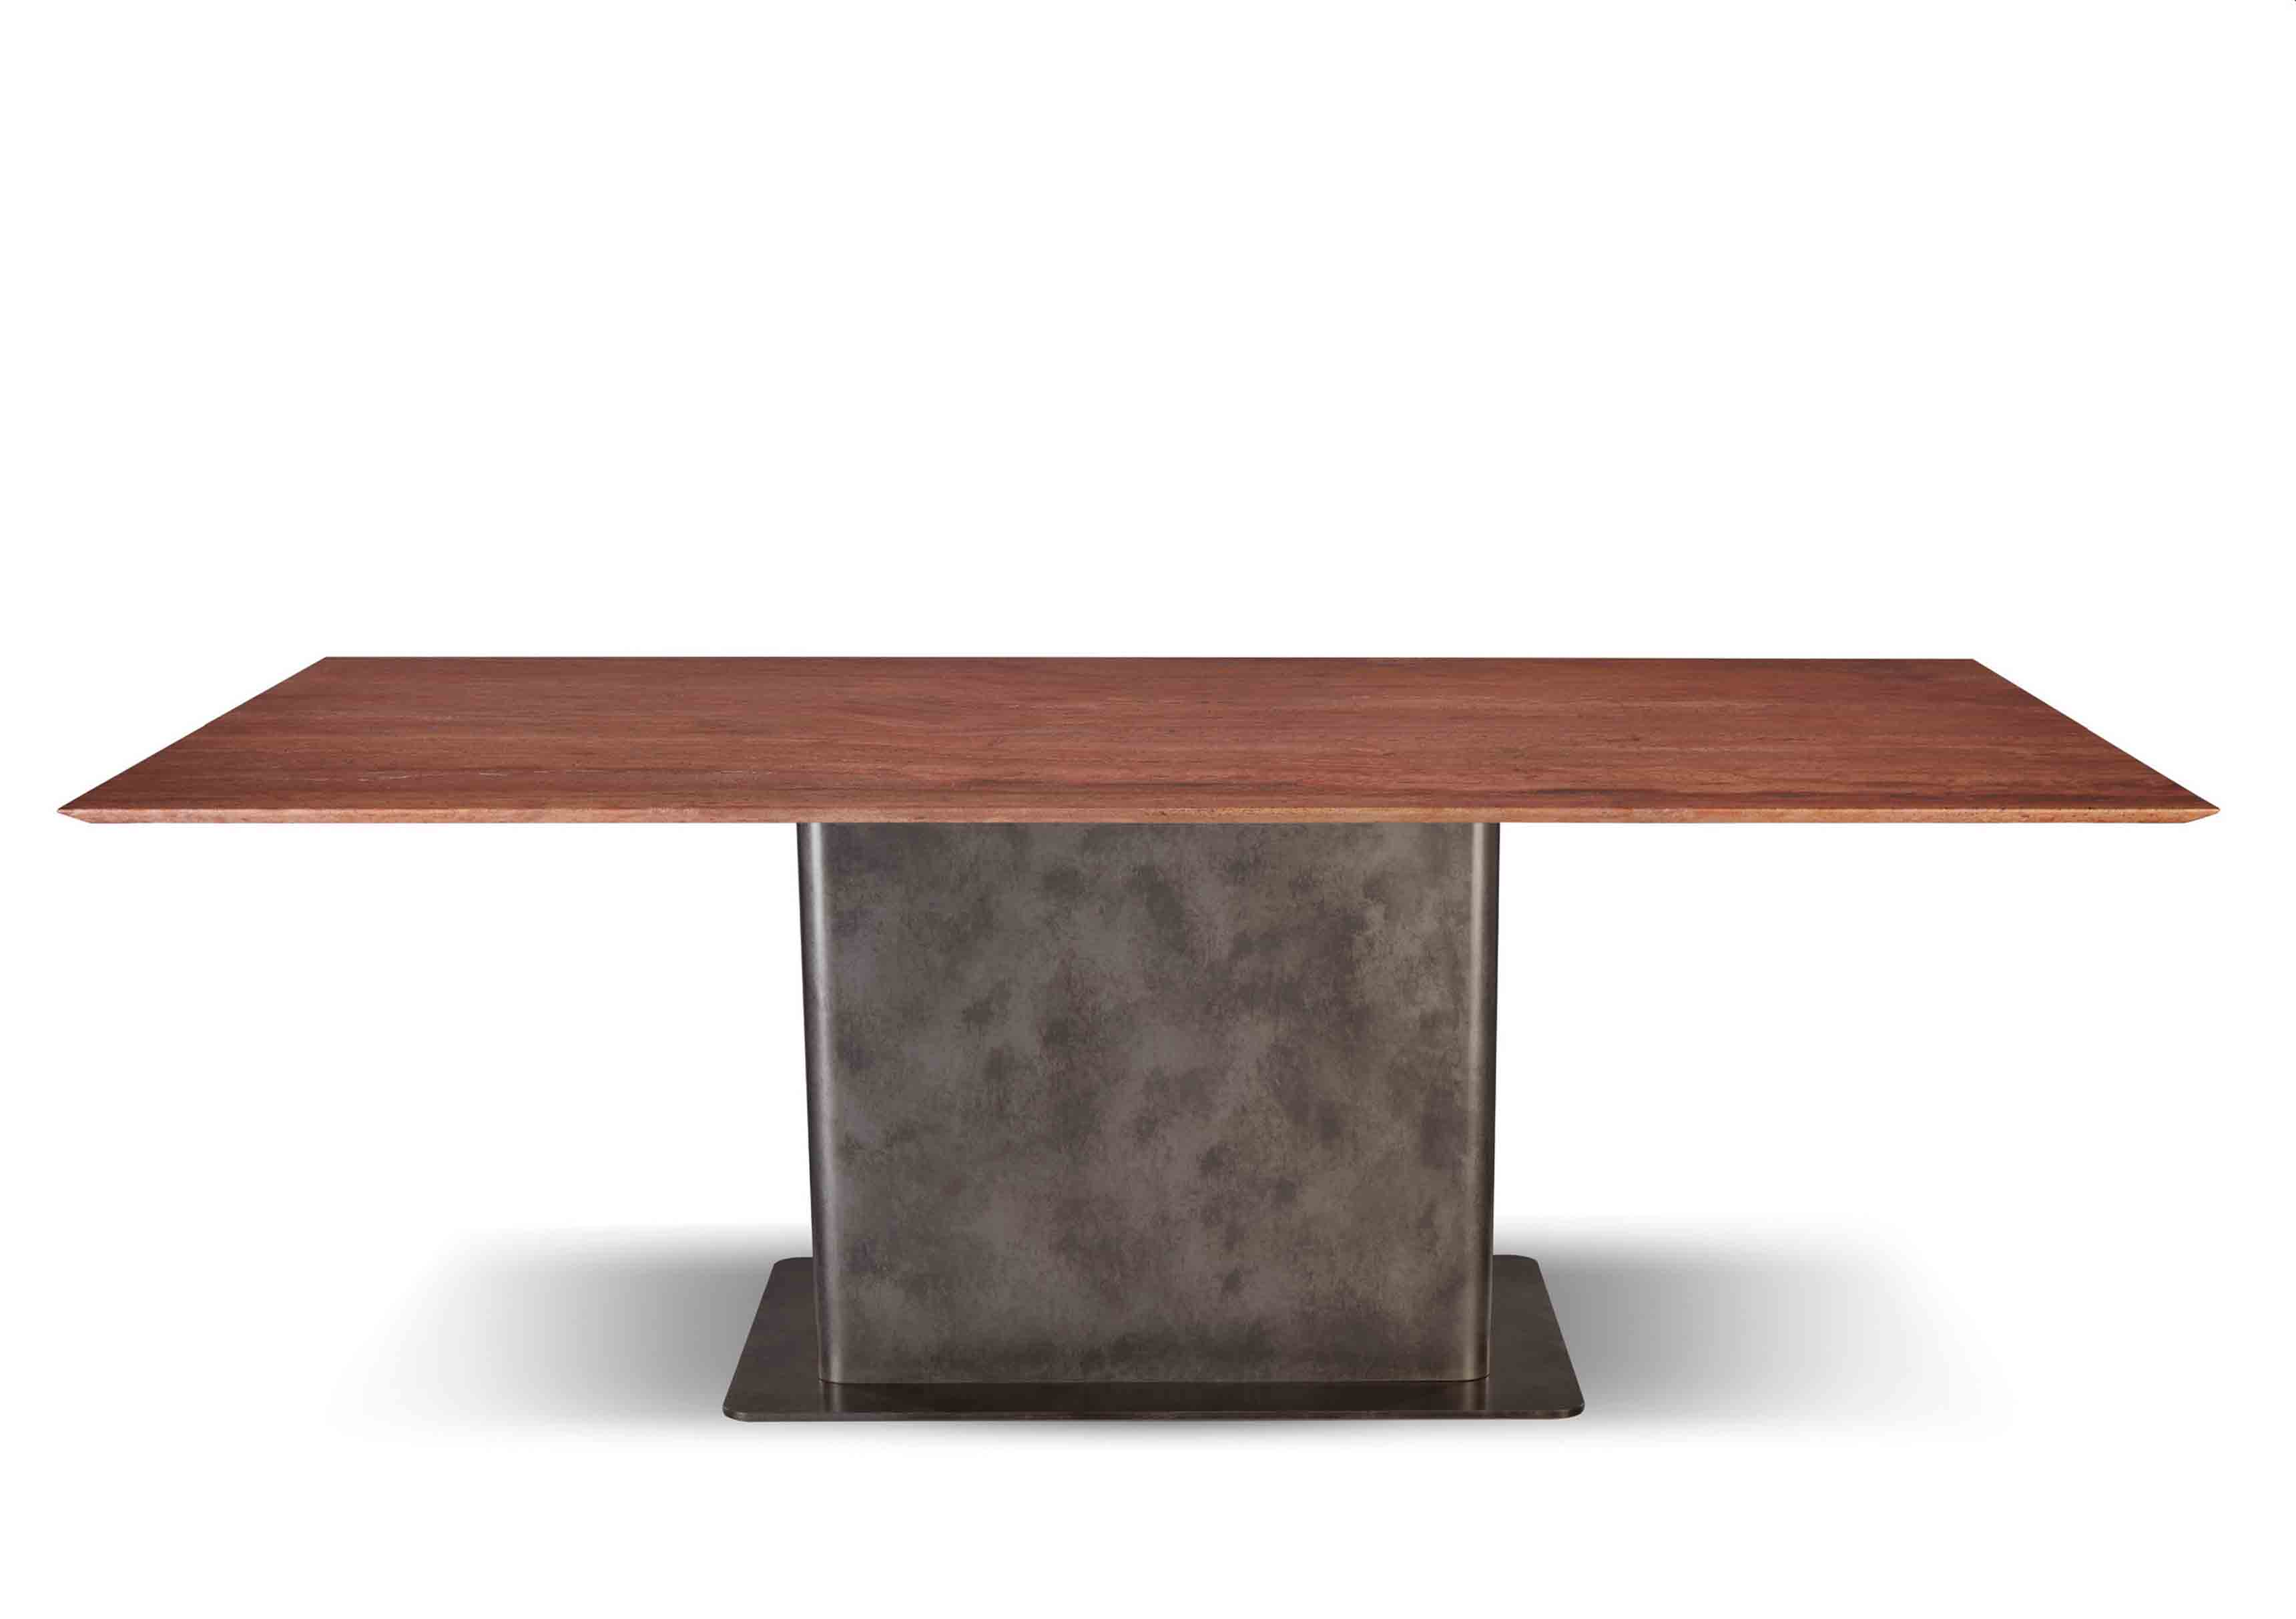 Table rectangulaire en travertin rouge issue de la nouvelle collection Maison de Bottega Veneta, à l'occasion du Salone del Mobile de Milan.